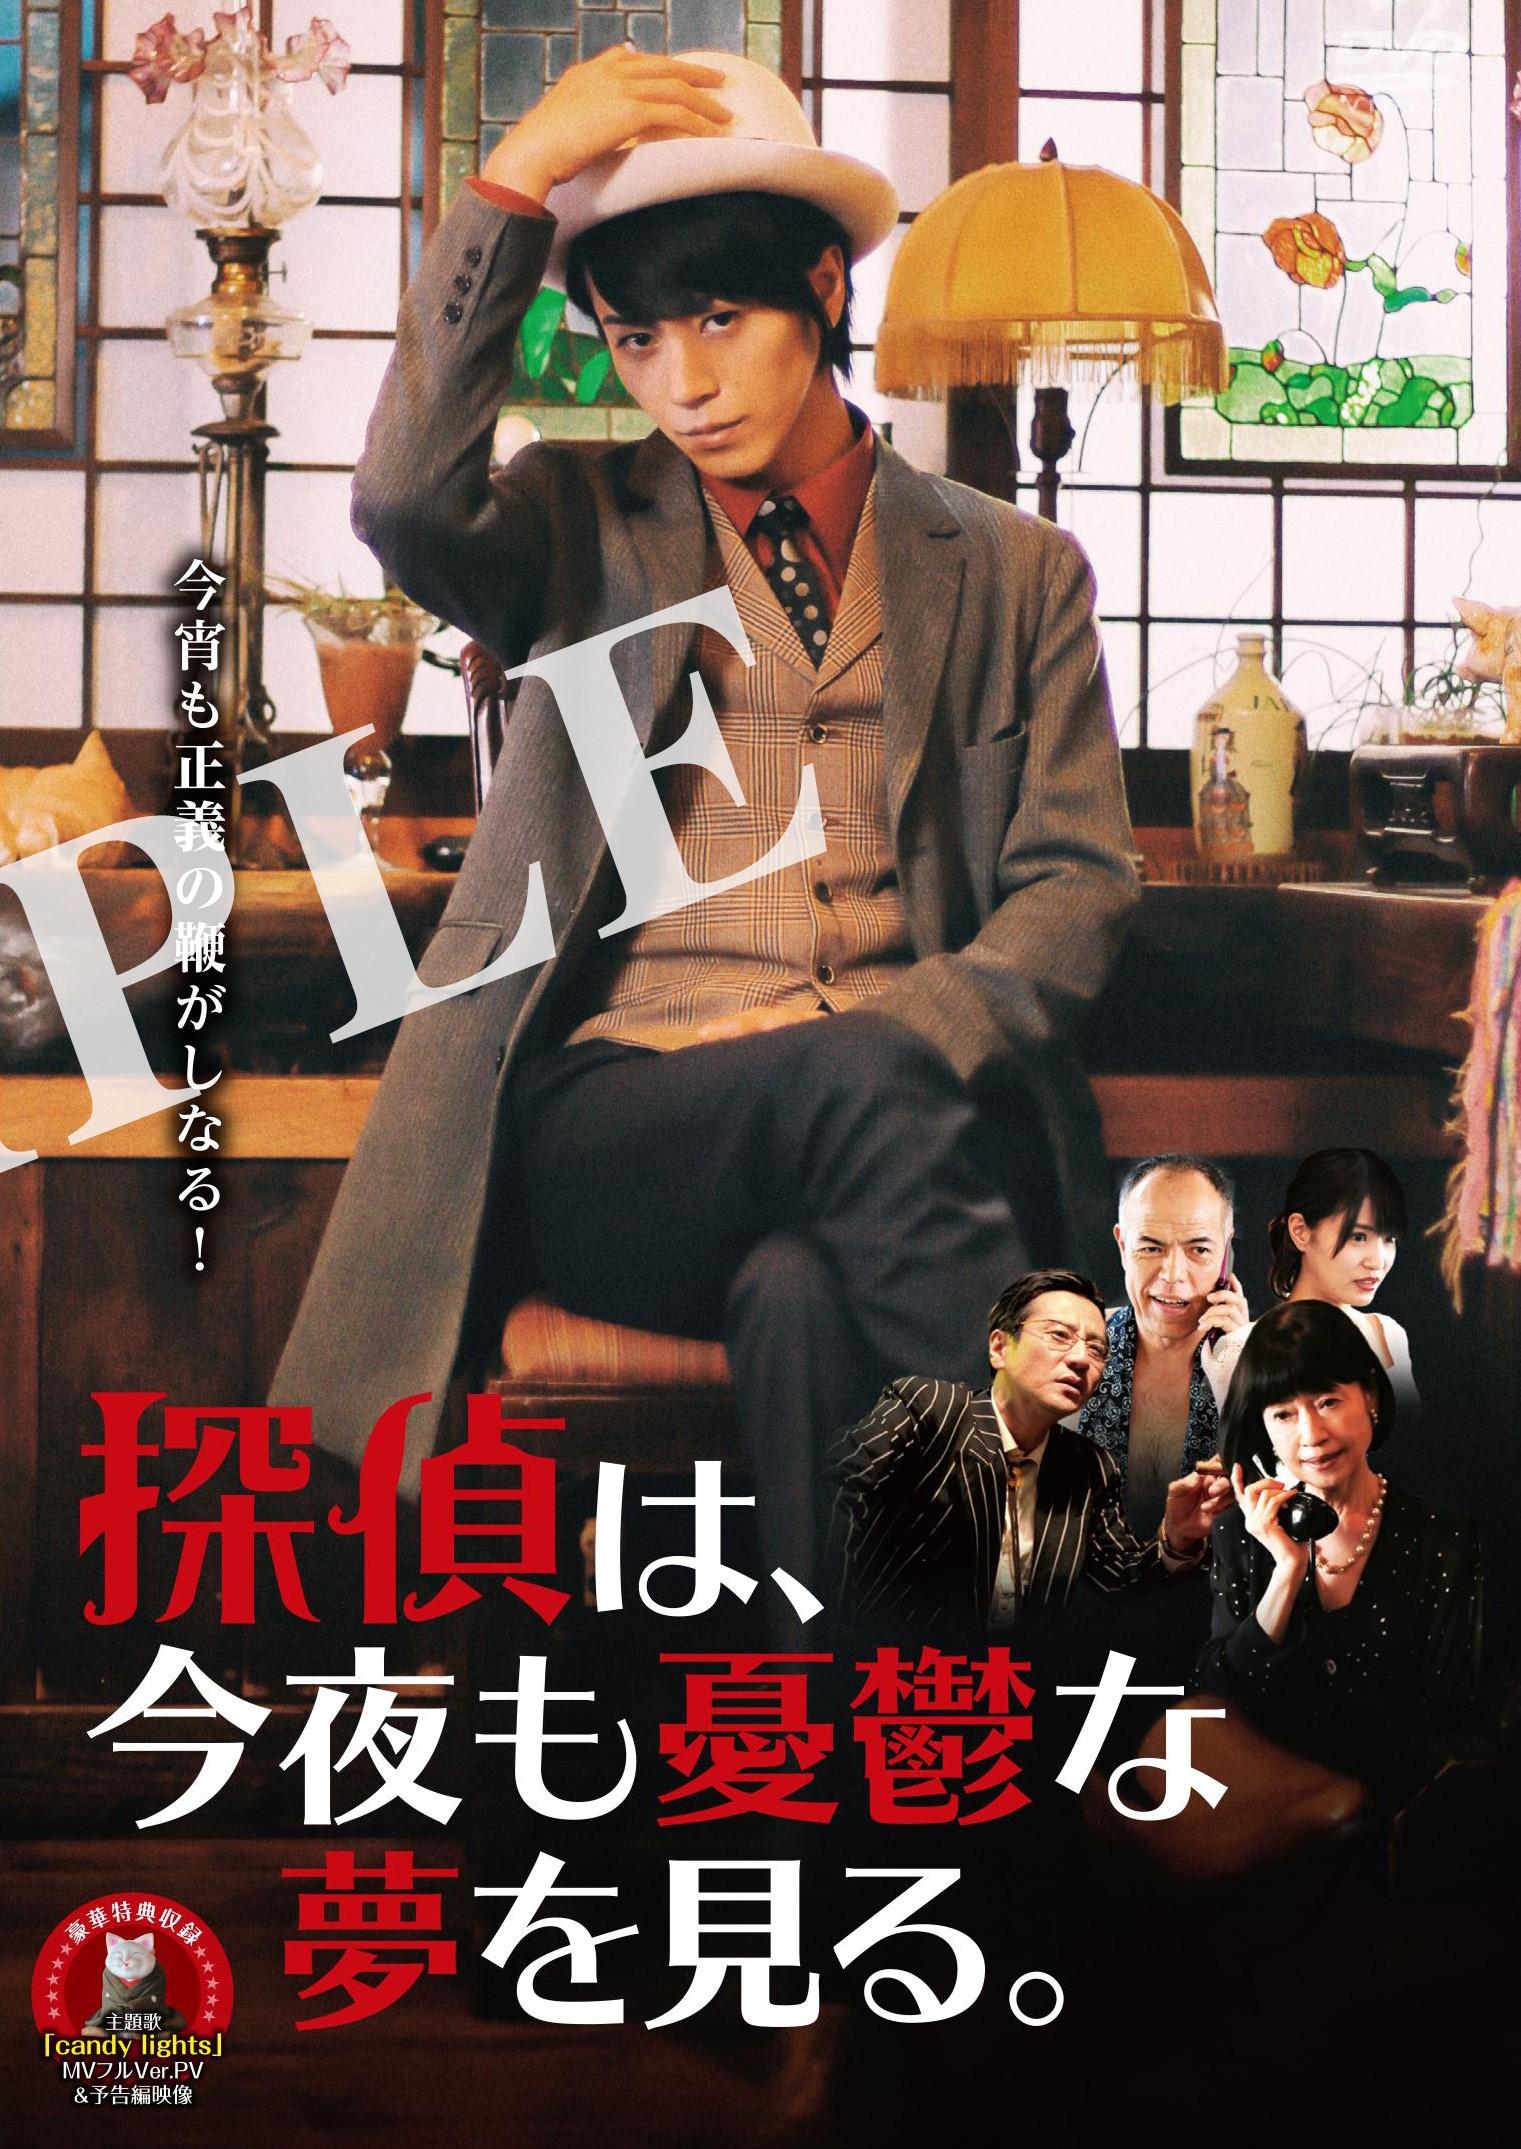 探偵は、今夜も憂鬱な夢を見る。 DVD